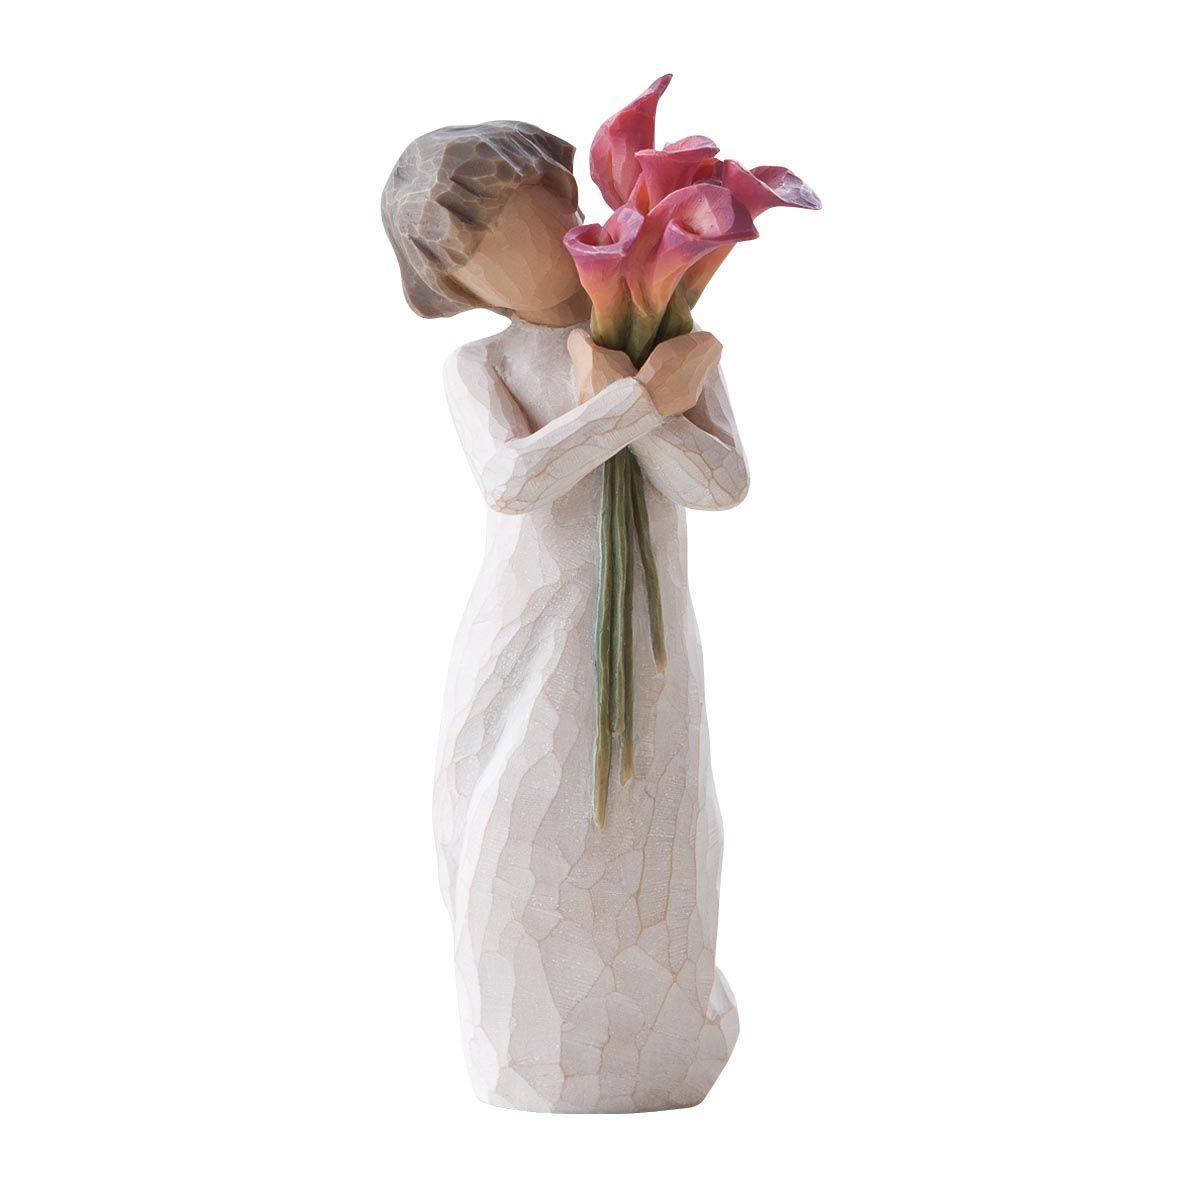 Фигурка декоративная Willow Tree Расцветать, высота 14 см27159Декоративная фигурка Willow Tree создана канадским скульптором Сьюзан Лорди. Фигурка выполнена из искусственного камня (49% карбонат кальция мелкозернистой разновидности, 51% искусственный камень).Фигурка Willow Tree – это настоящее произведение искусства, образная скульптура в миниатюре, изображающая эмоции и чувства, которые помогают чувствовать себя ближе к другим, верить в мечту, выражать любовь.Фигурка помещена в красивую упаковку.Купить такой оригинальный подарок, значит не только украсить интерьер помещения или жилой комнаты, но выразить свое глубокое отношение к любимому человеку. Этот прекрасный сувенир будет лучшим подарком на день ангела, именины, день рождения, юбилей.